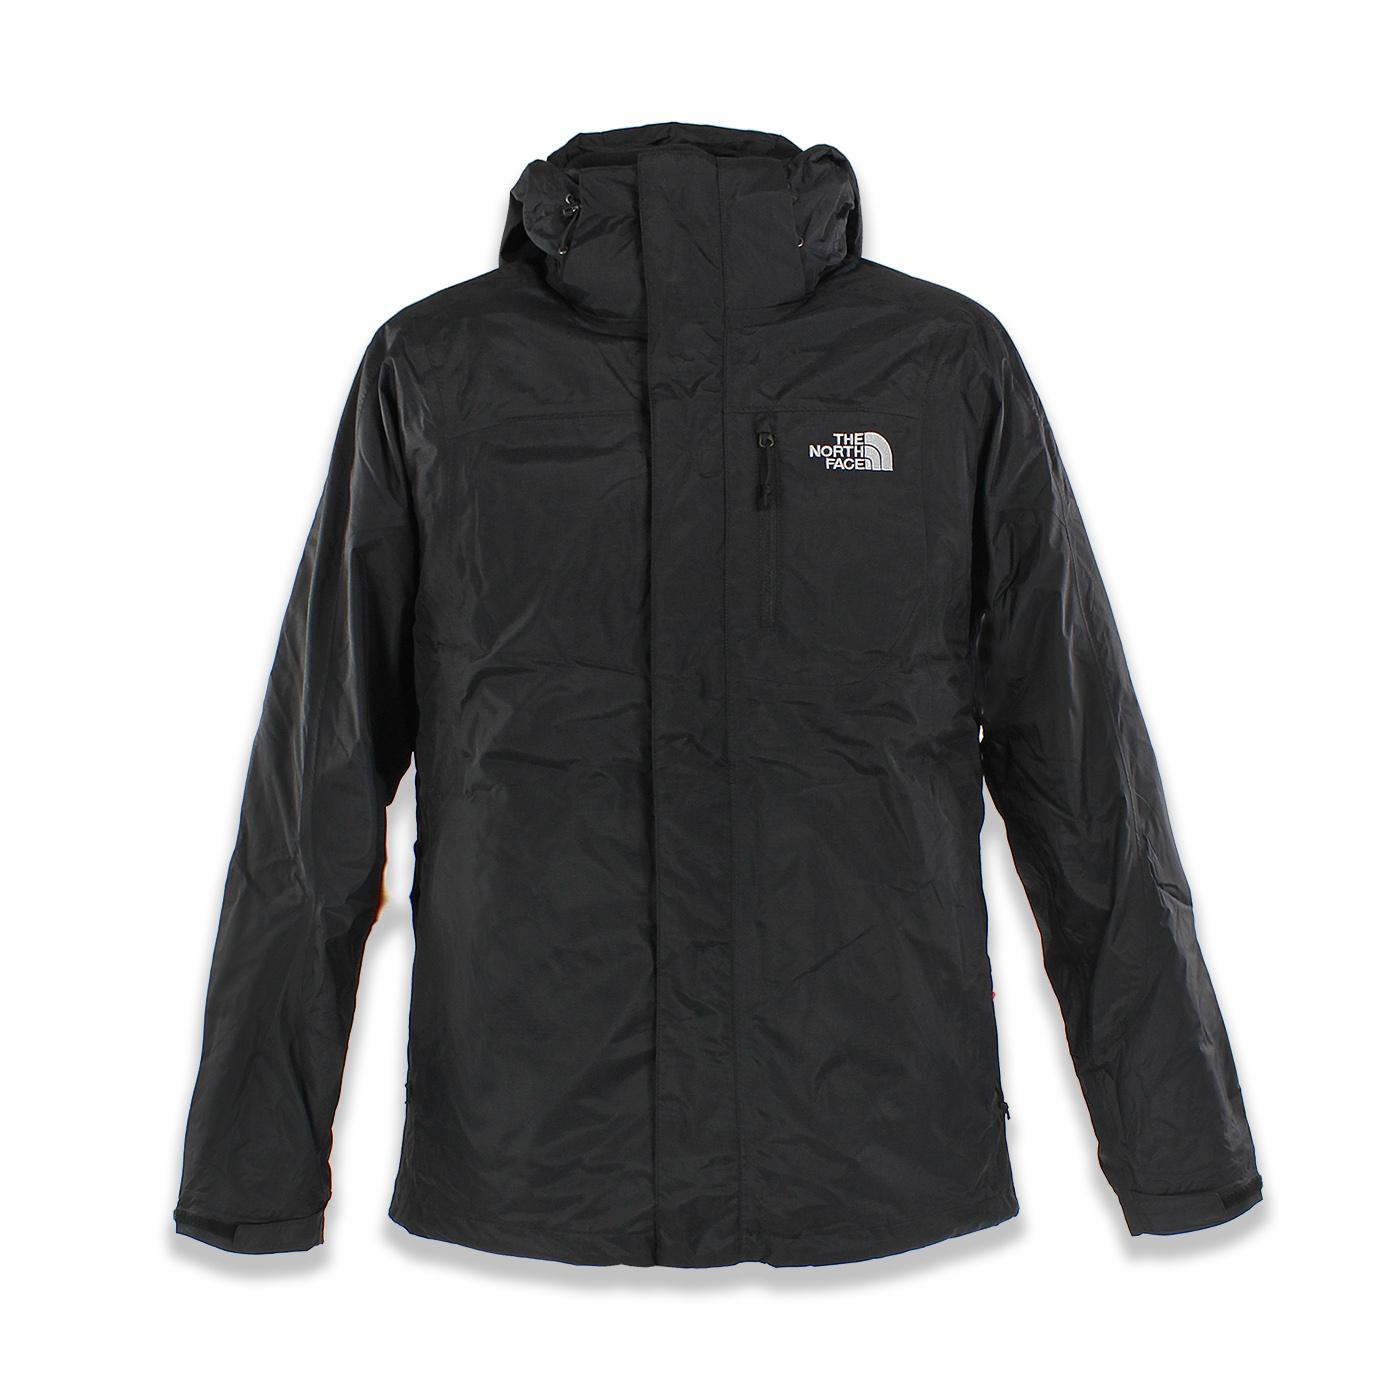 美國百分百【The North Face】防風 連帽 外套 TNF 防水 保暖 刷毛 兩件式 北臉 黑色 S號 F788